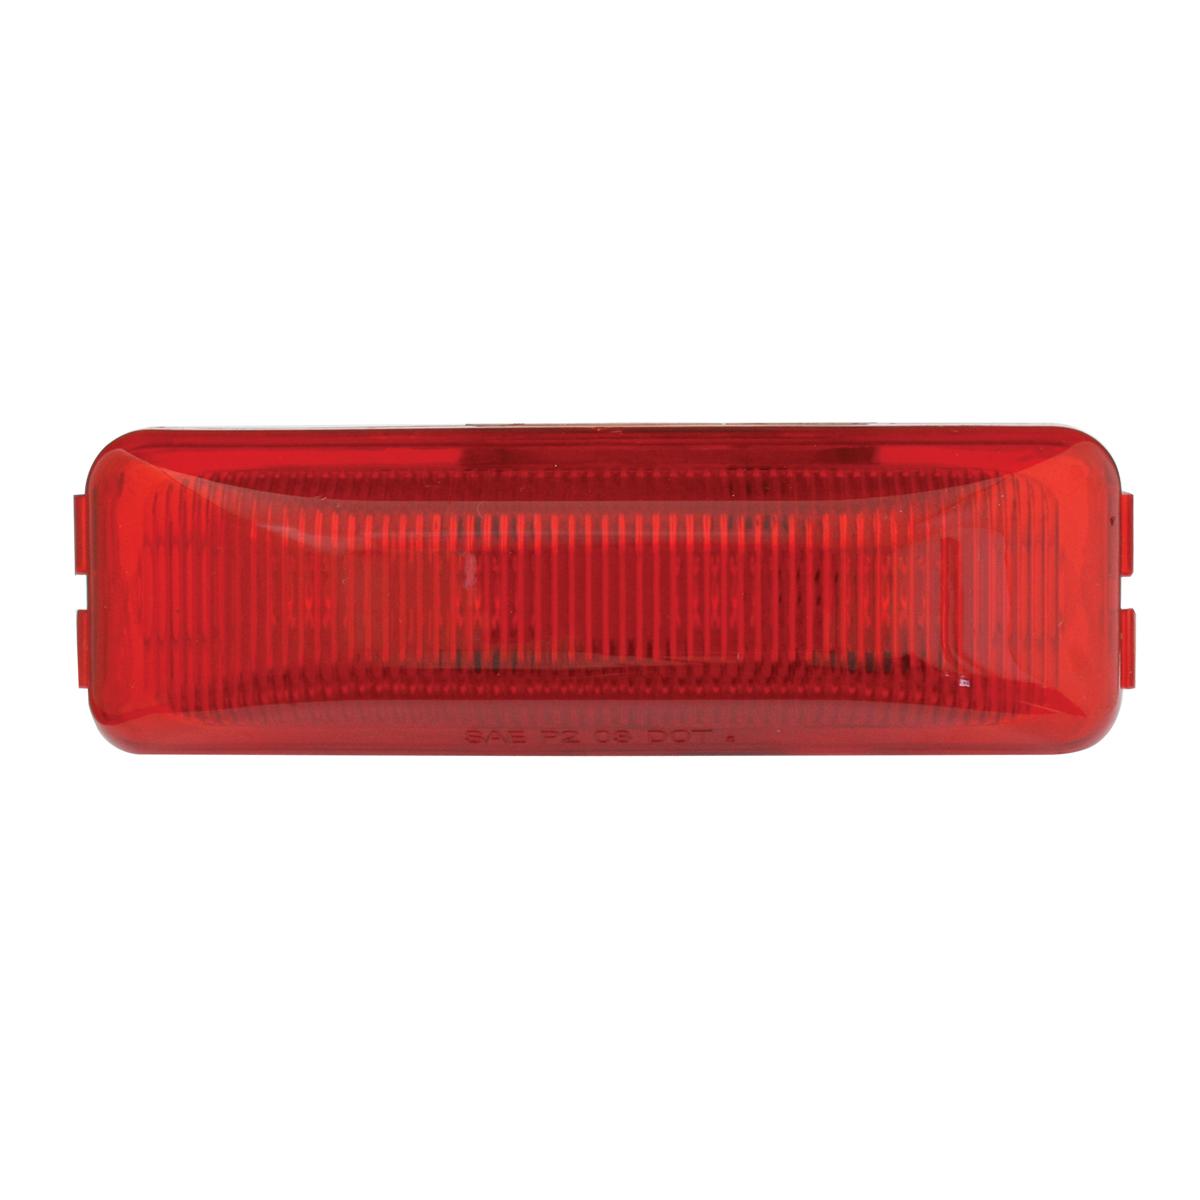 84445 Medium Rectangular LED Marker Light in Red/Red